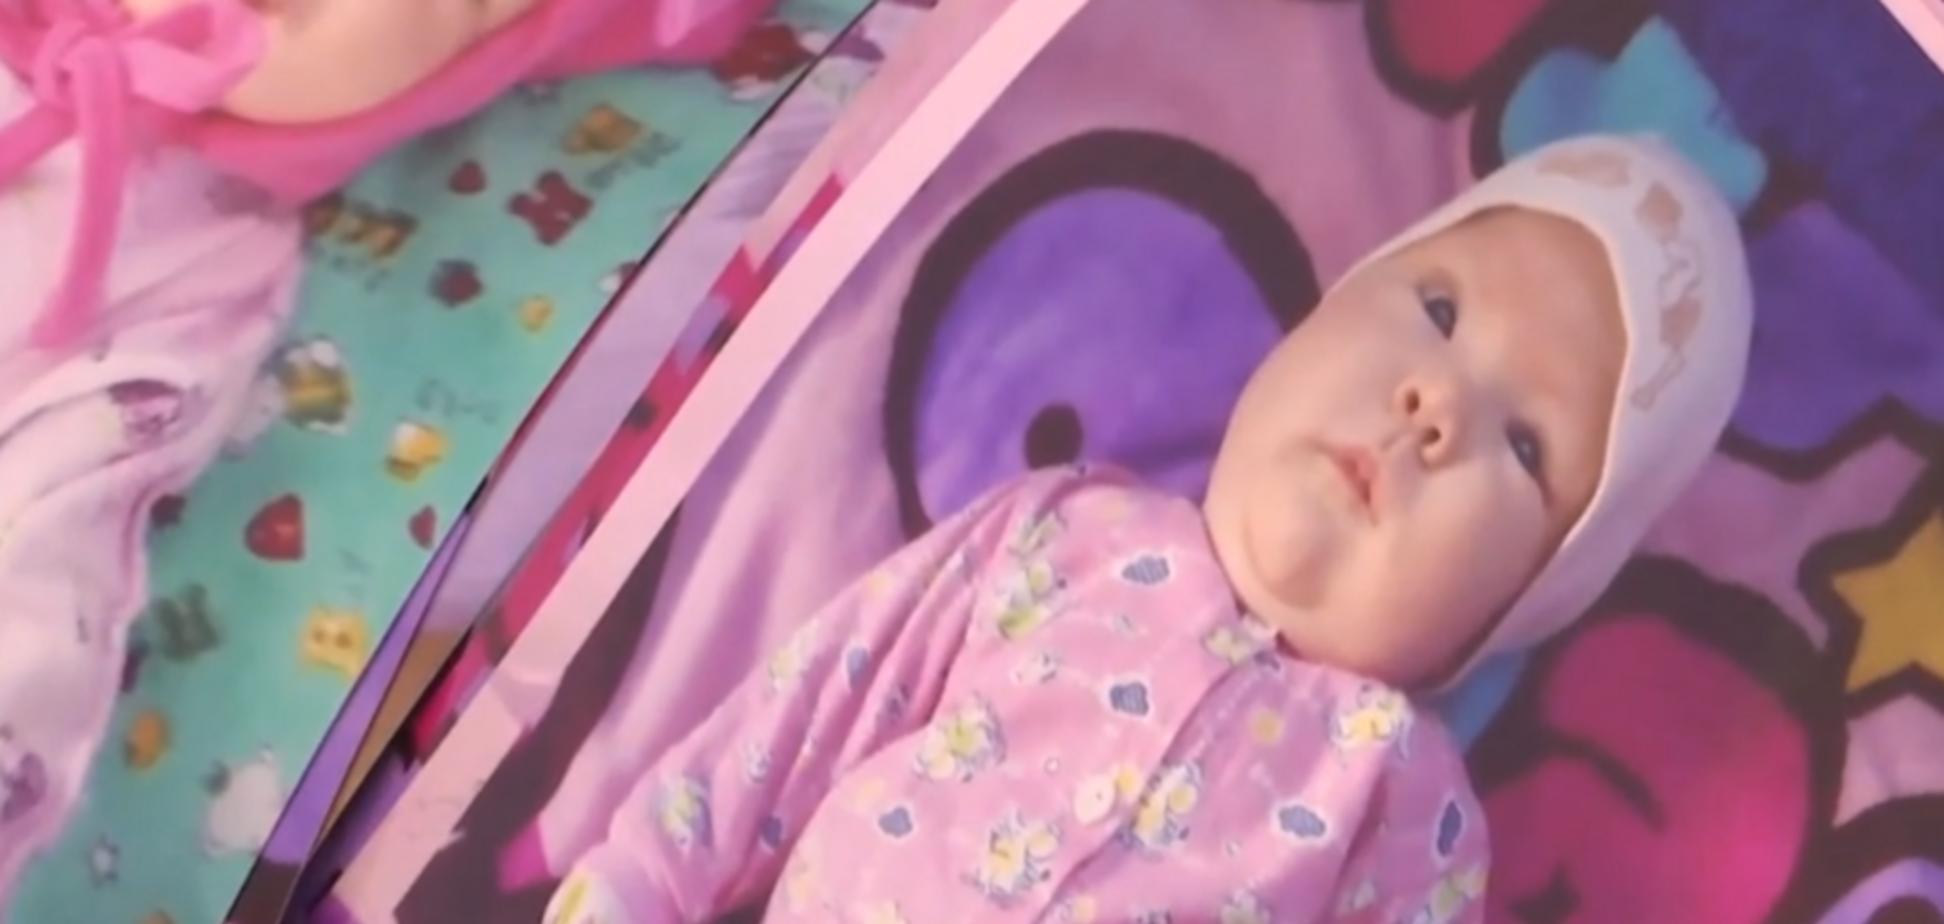 Несло спиртным: в Виннице вспыхнул скандал из-за мучительной смерти младенца